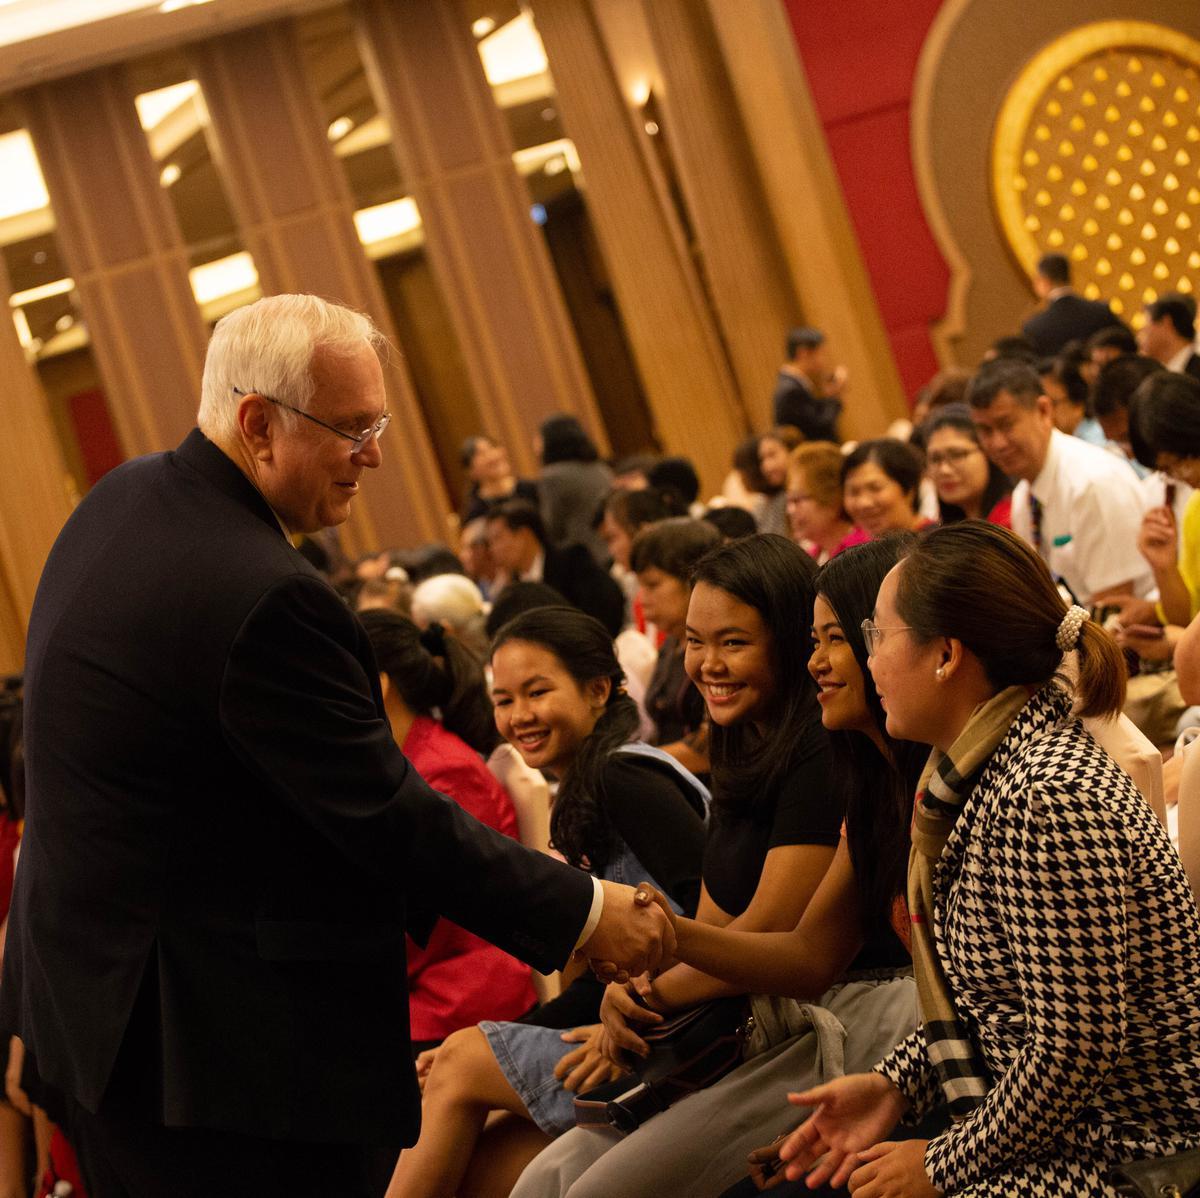 เอ็ลเดอร์เกย์ทักทายสมาชิกที่การประชุมใหญ่พิเศษสเตคกรุงเทพ ประเทศไทย